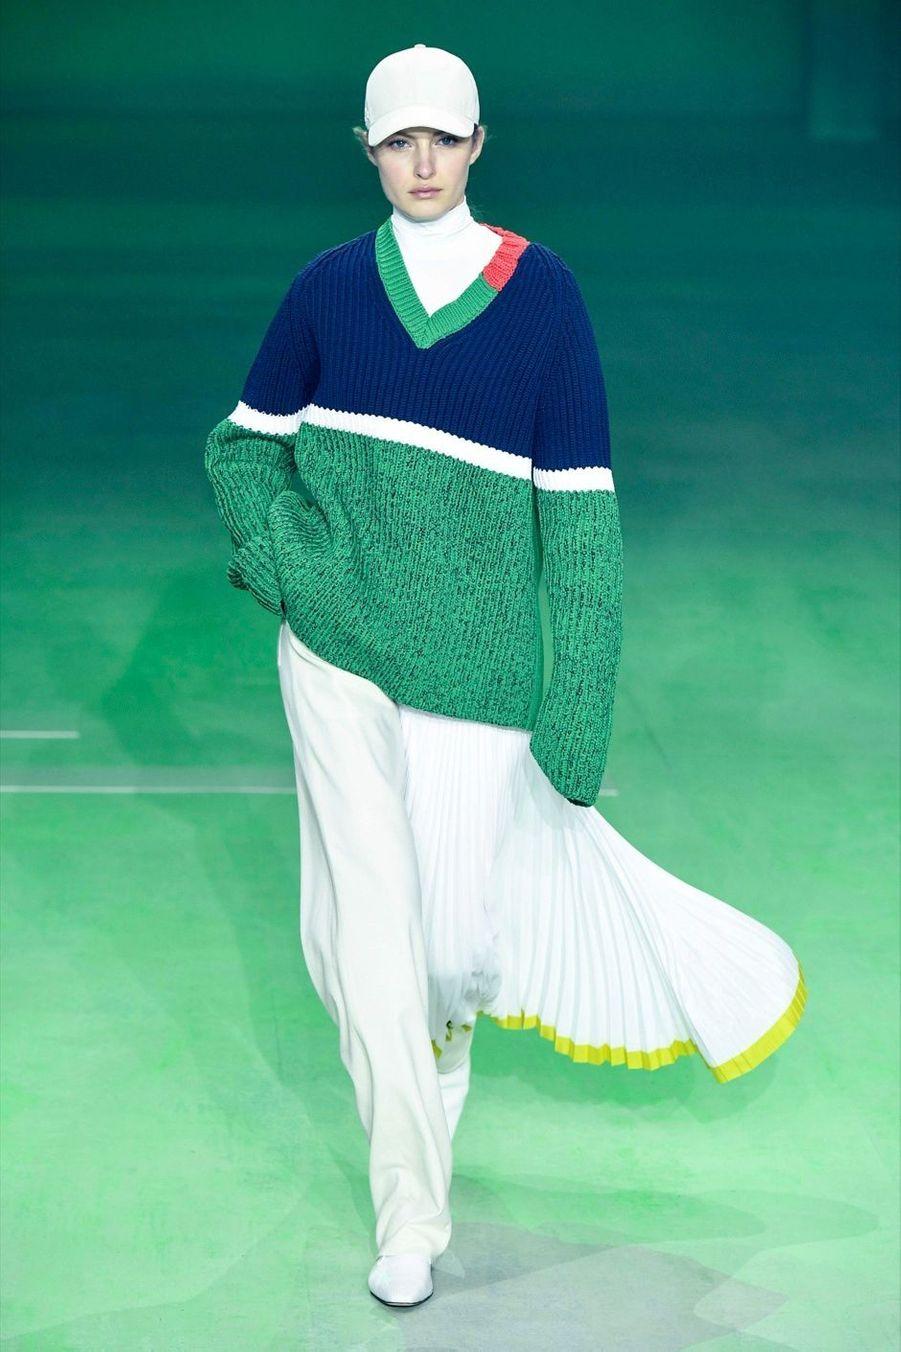 Lacoste: Pull color block, pantalon pyjama avec jupe de tennis plissée façon tablier. Louise Trotter revitalise l'élégance sportive du temps de René Lacoste.